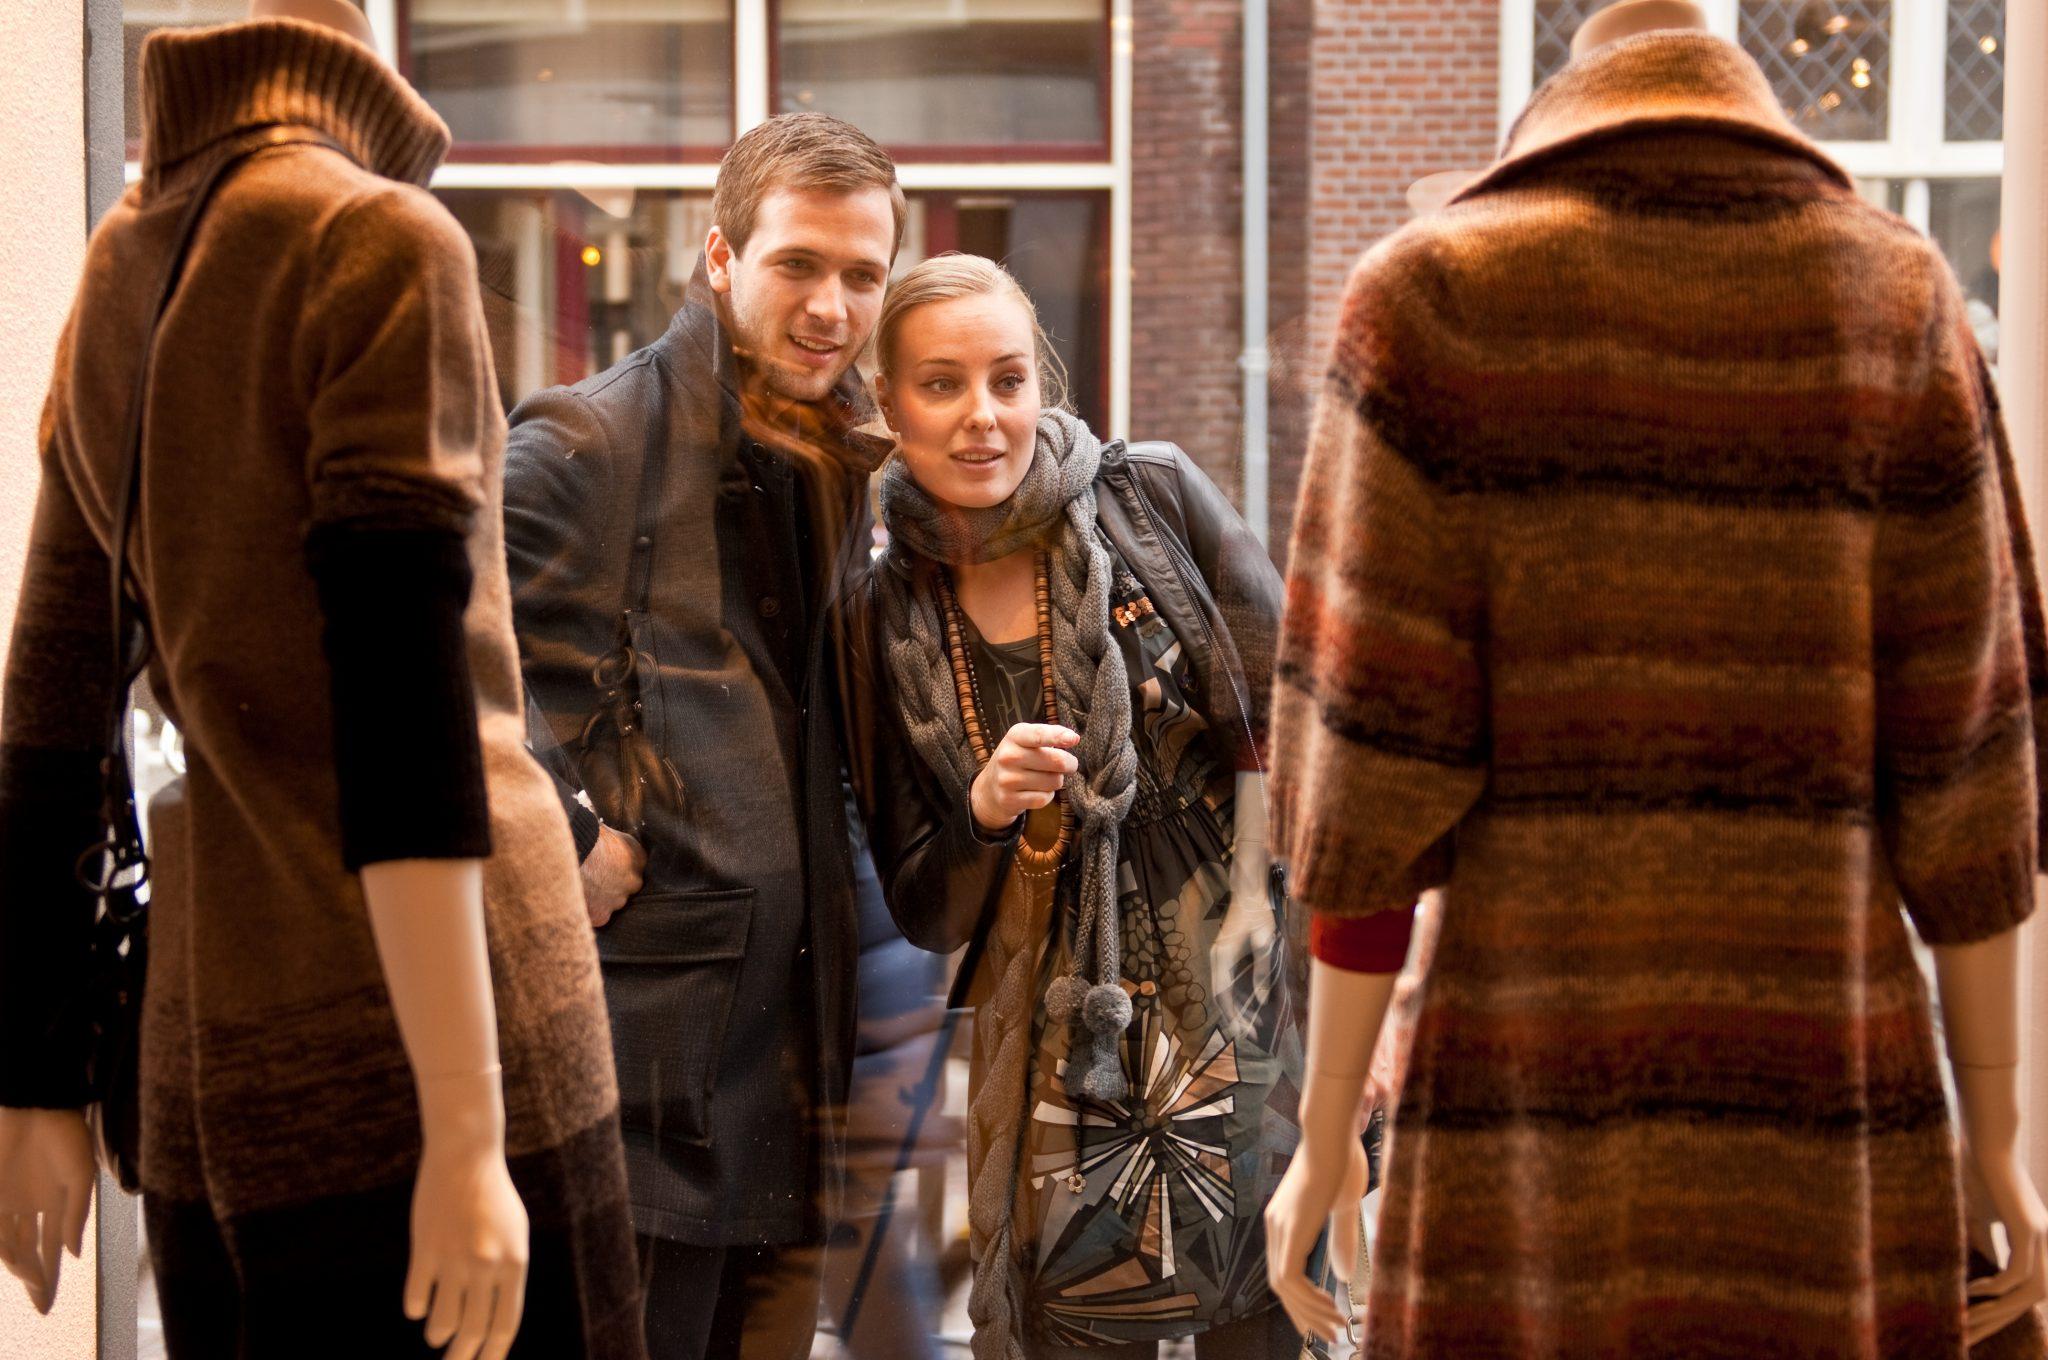 Shoppen in Delft koopzondag